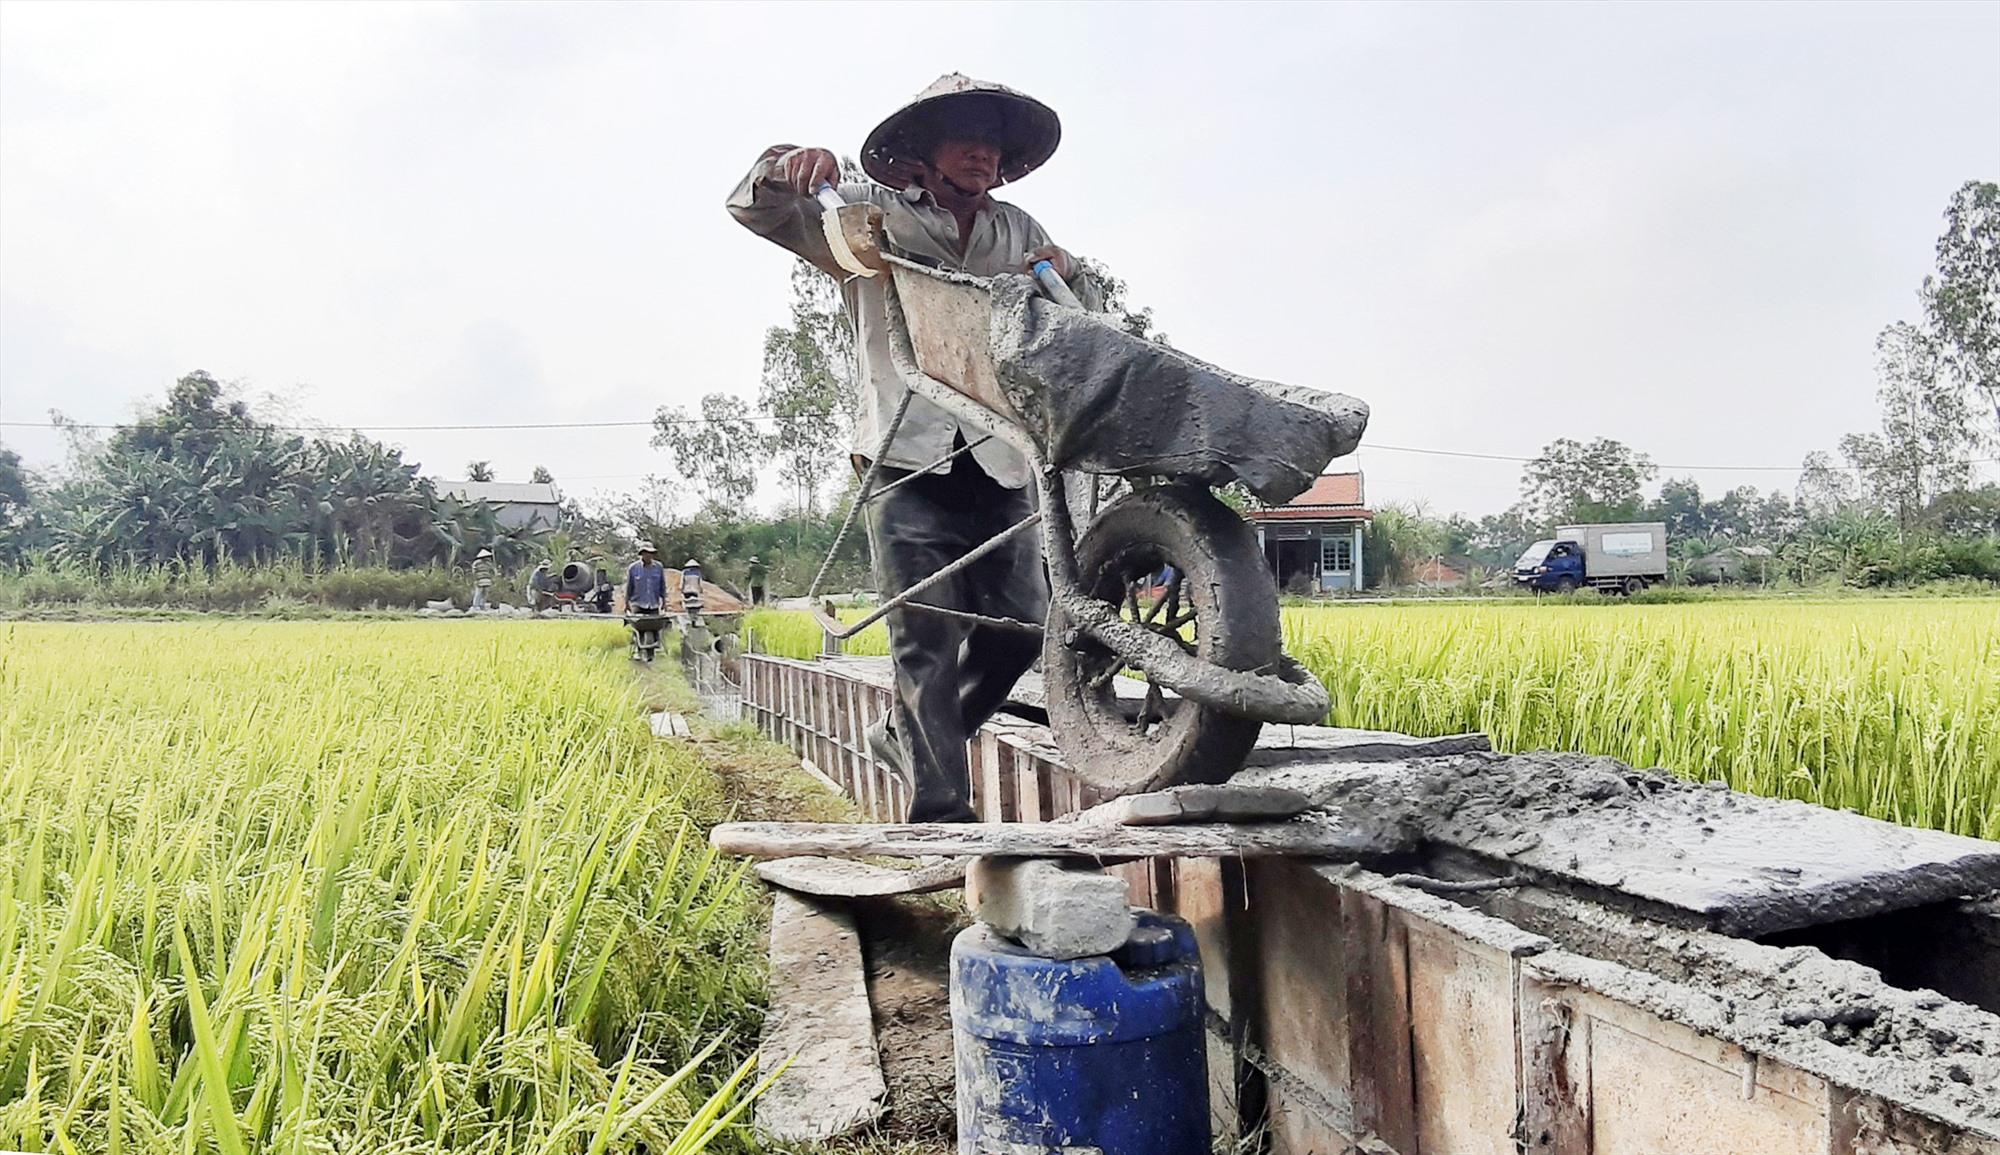 Trong 5 năm qua, Duy Xuyên đầu tư gần 126 tỷ đồng bê tông hóa thêm 138km kênh mương để chủ động cung ứng nước tưới cho cây trồng. Ảnh: N.P